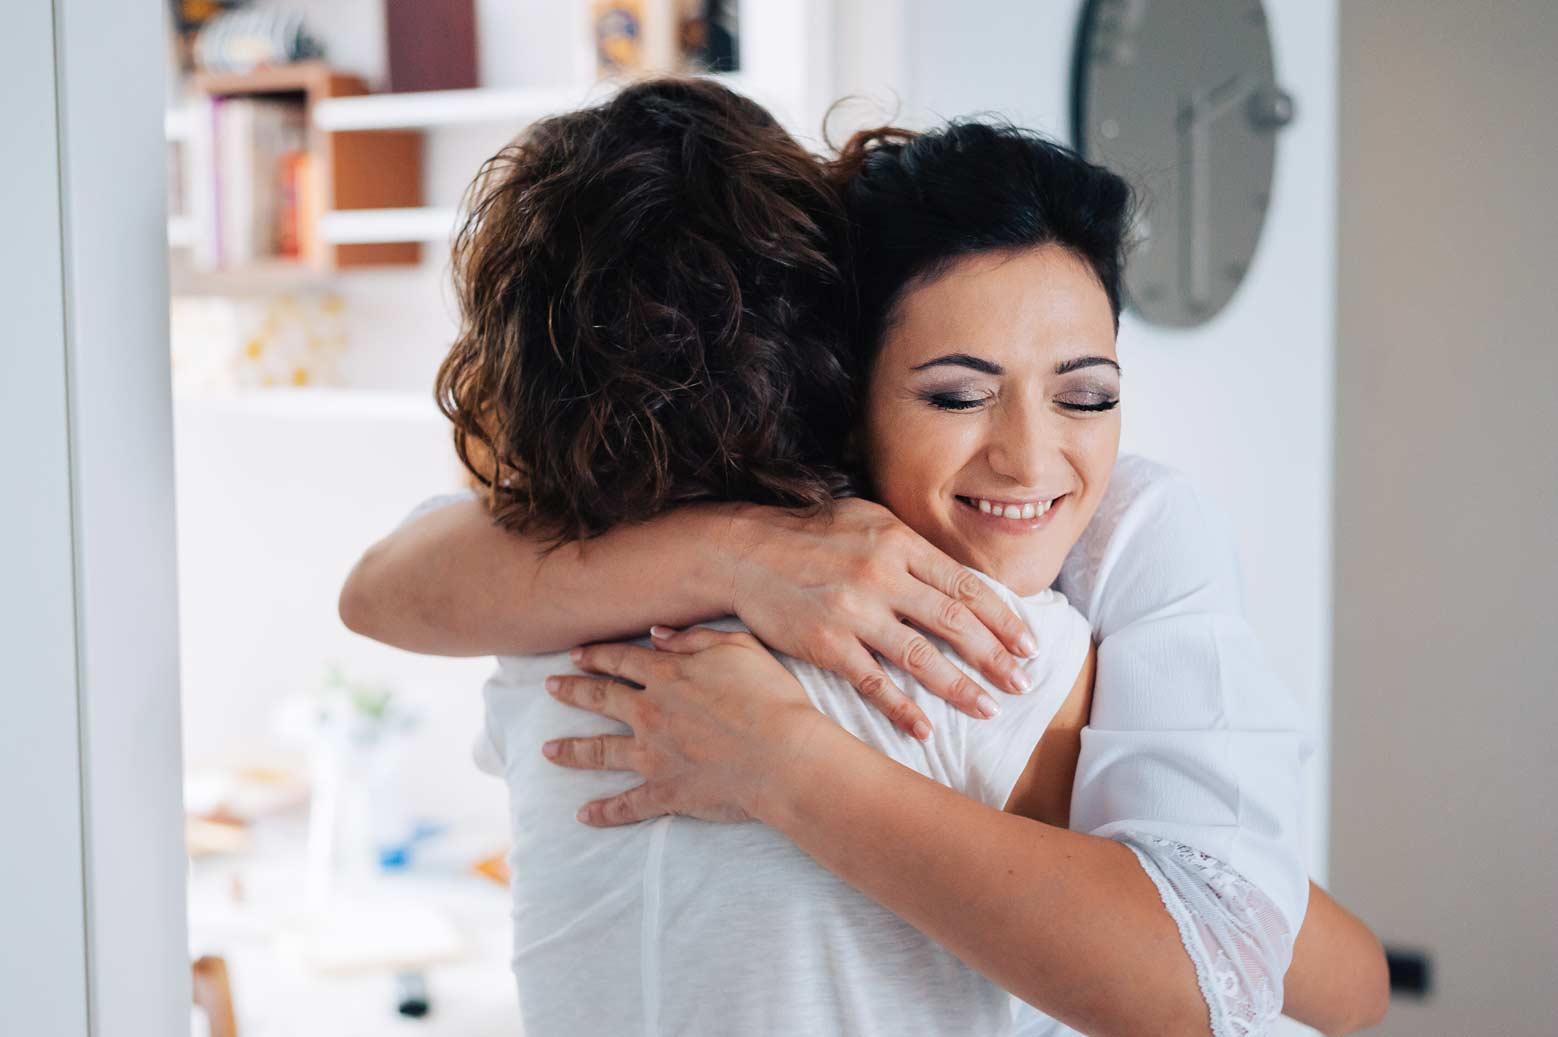 Fotografo-Di-Matrimonio-Roma-Preparativi-Sposa